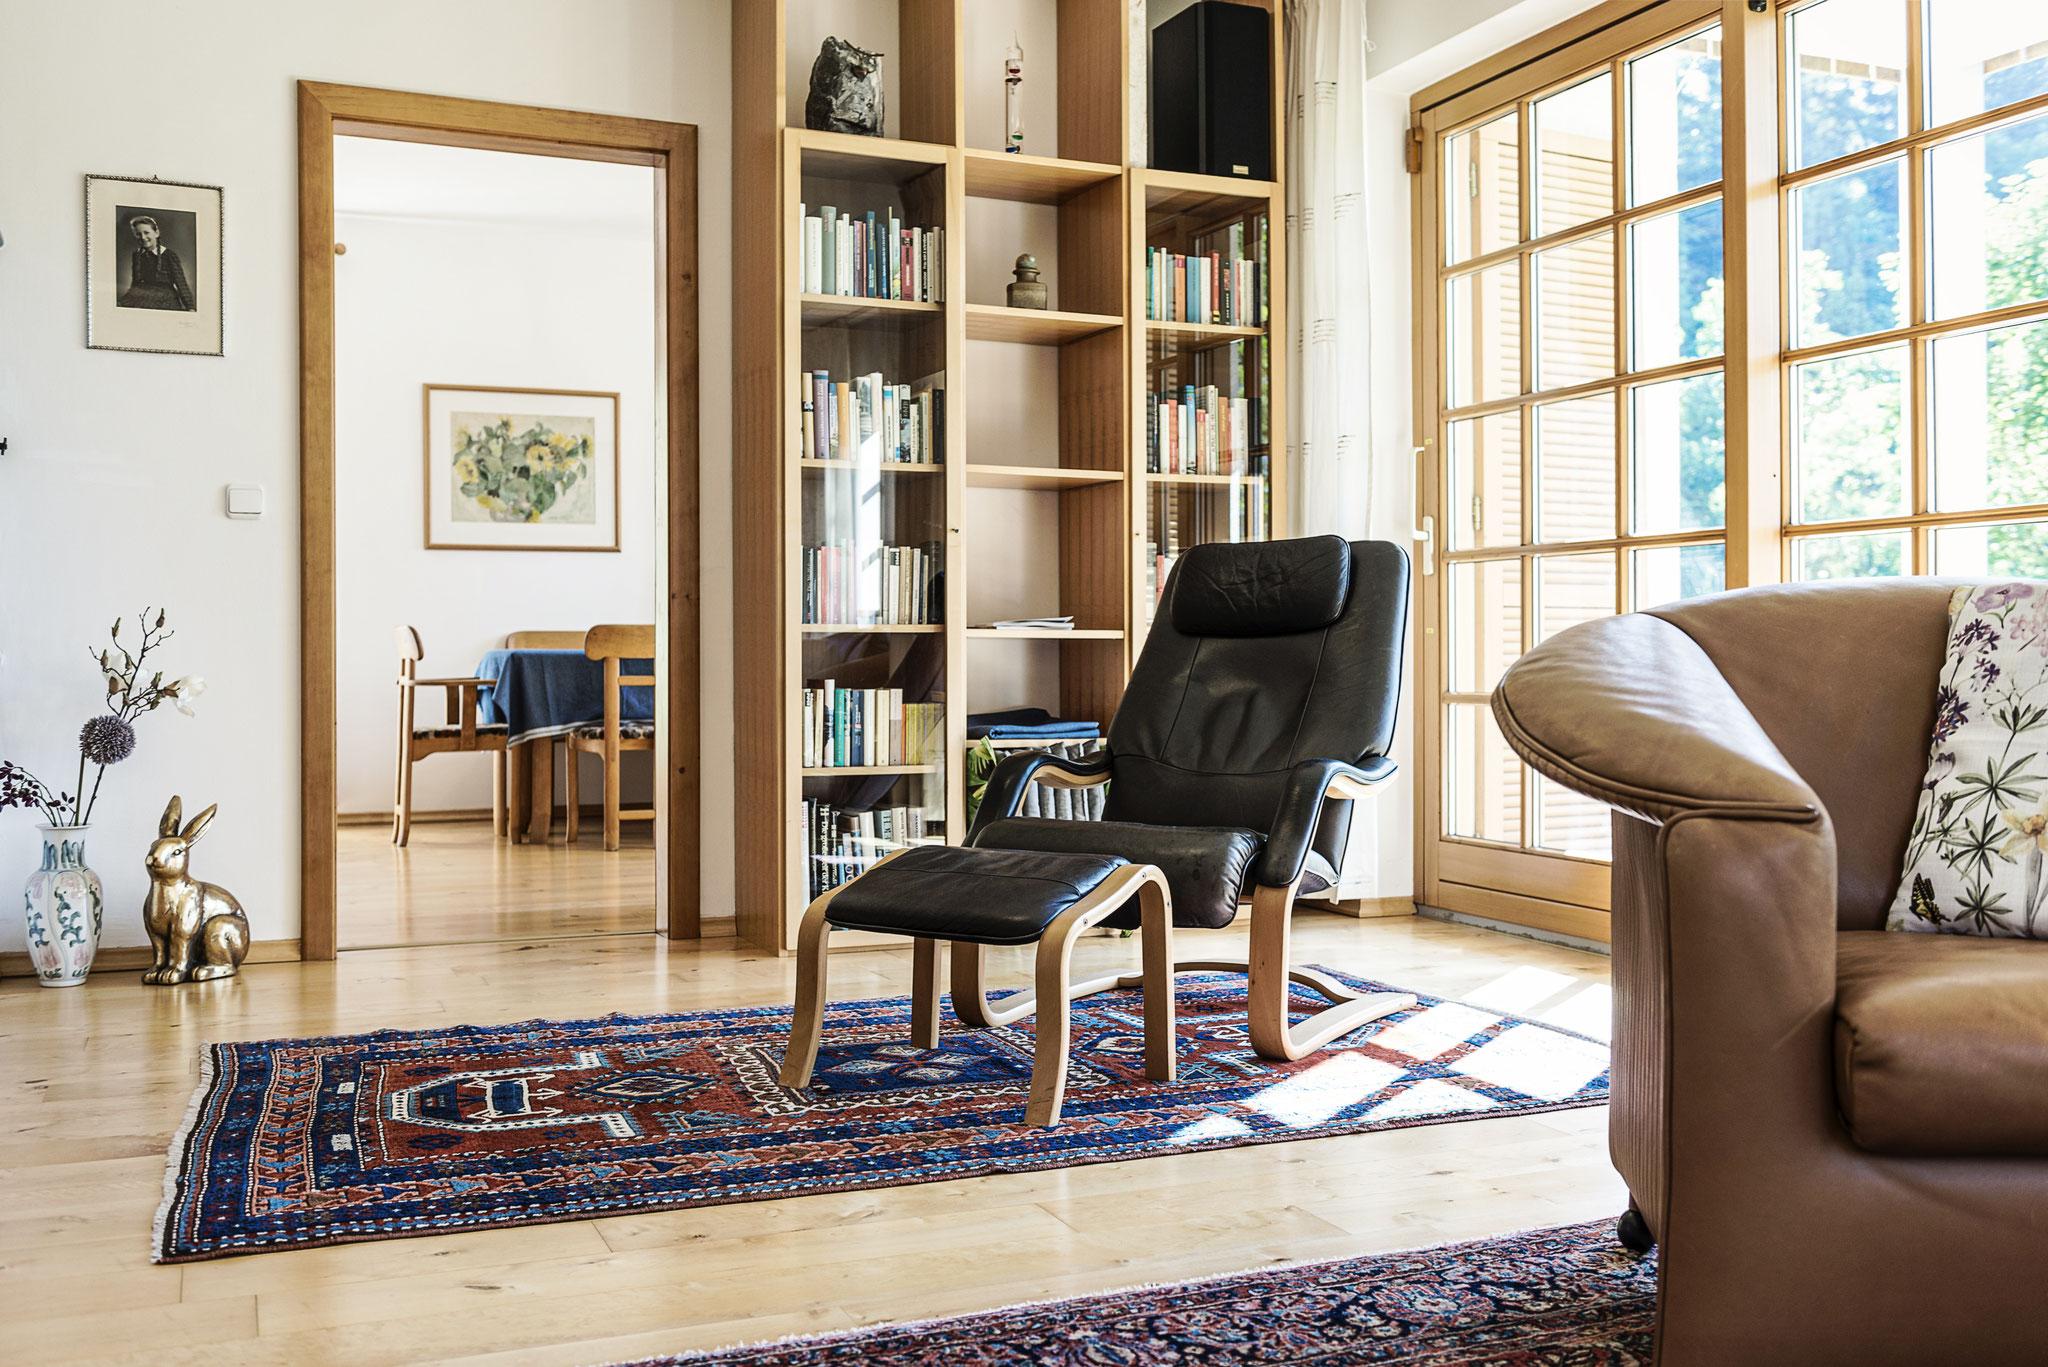 Wohnzimmer Villa Anna Bad Goisern